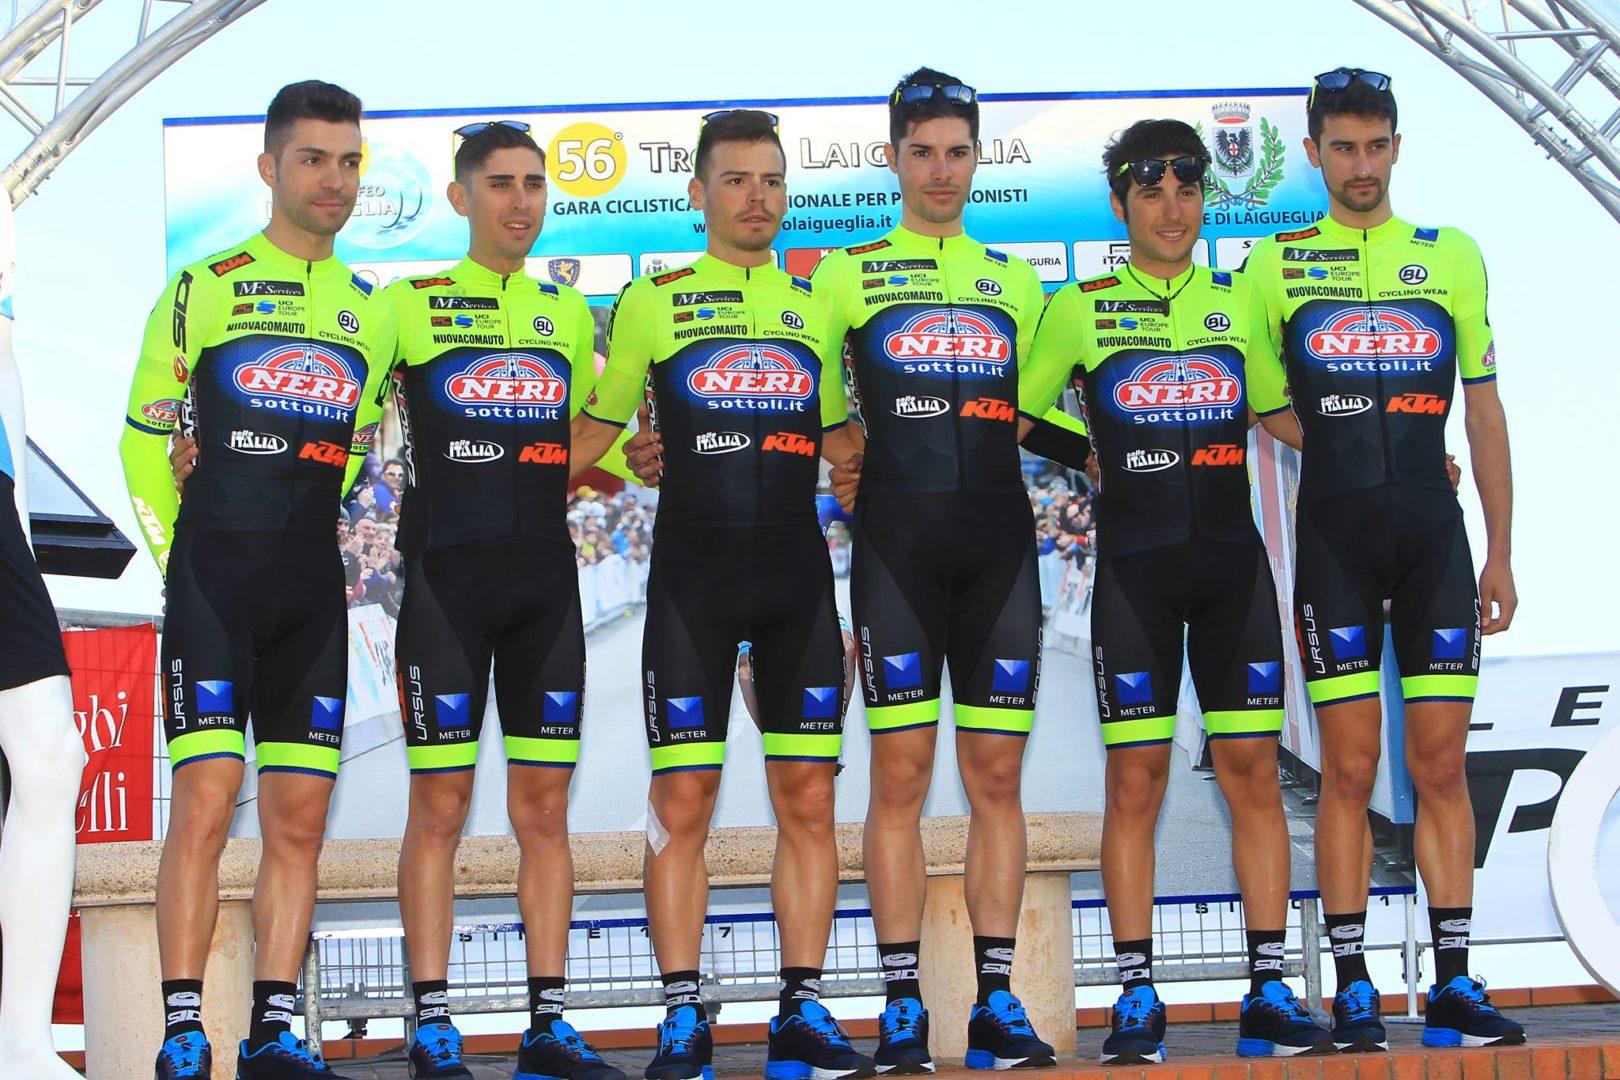 Neri Sottoli Selle Italia KTM